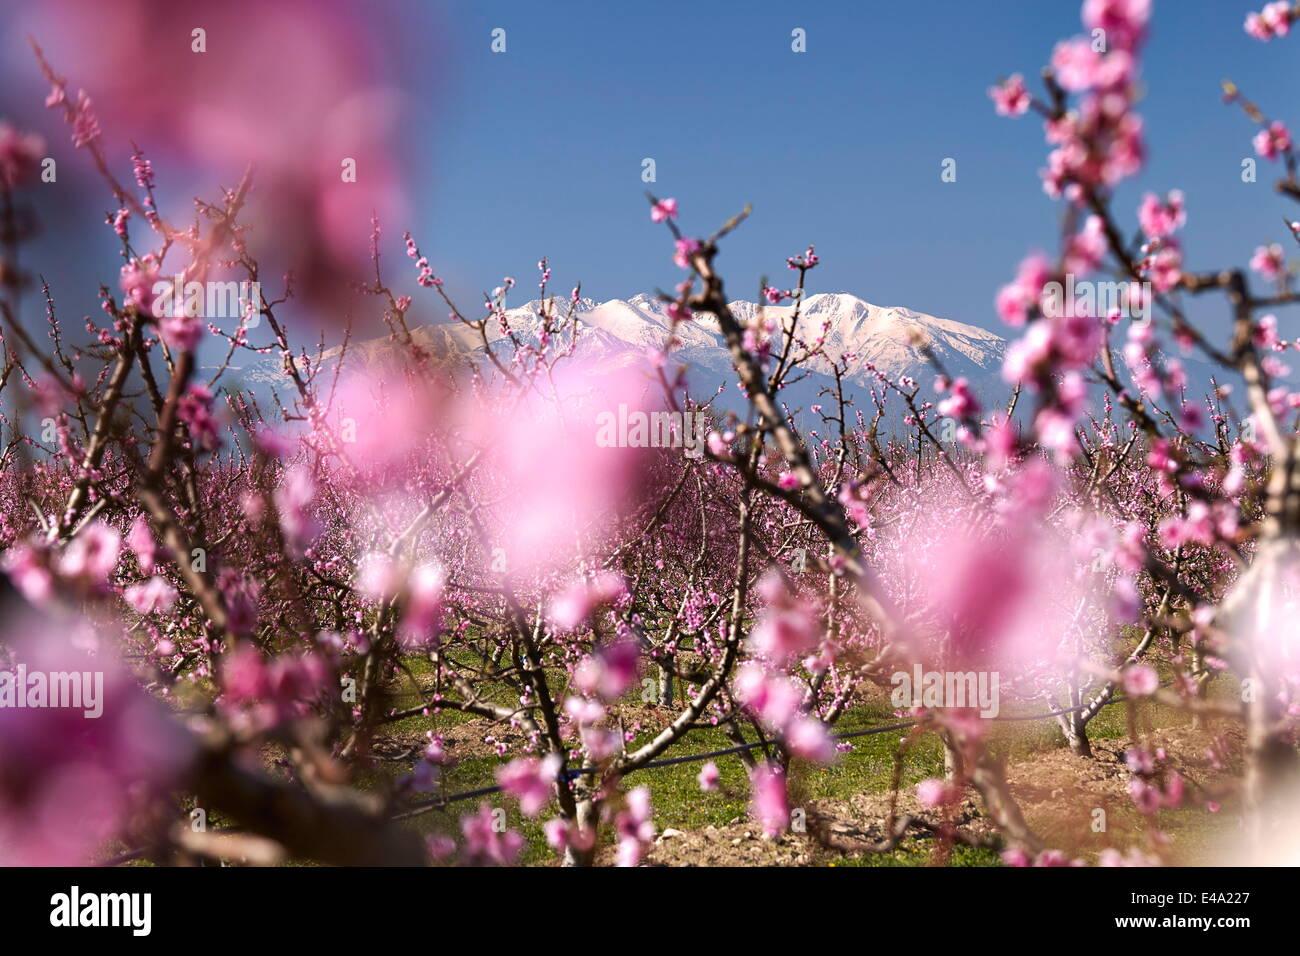 Fiore di frutta, monte Canigou, Pirenei orientali, Languedoc-Roussillon, Francia, Europa Immagini Stock